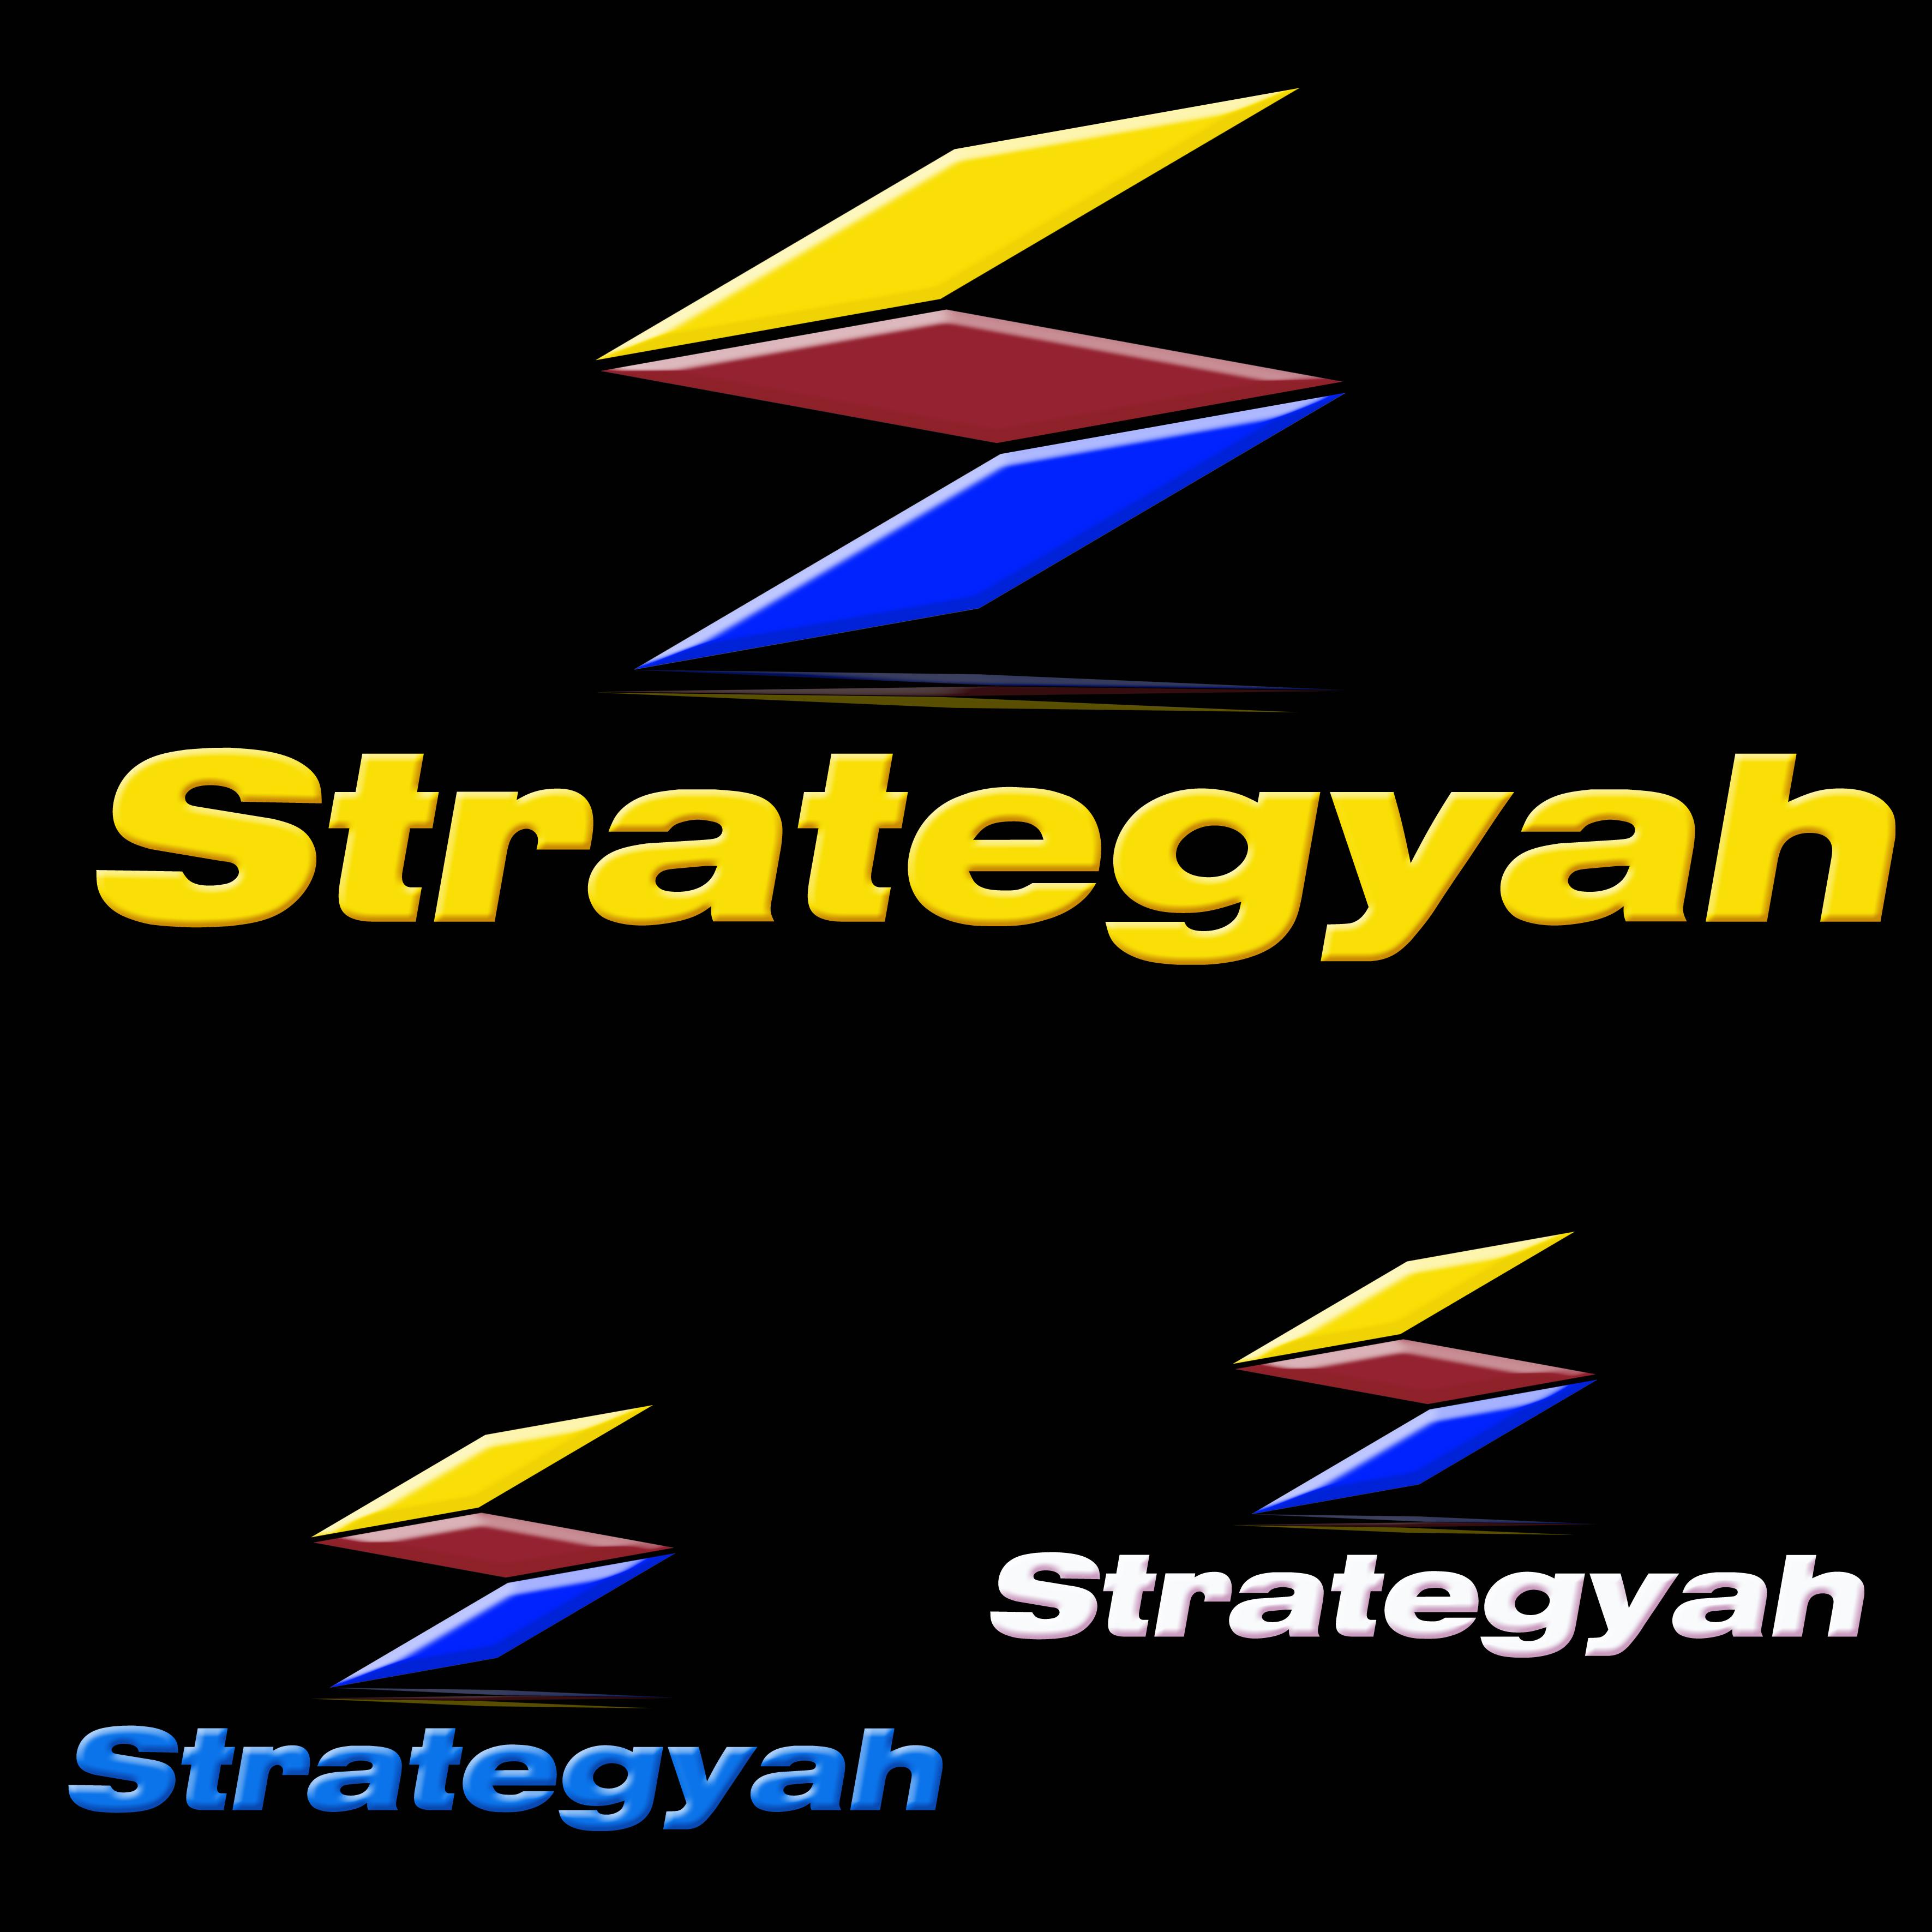 Logo Design by Roberto Sibbaluca - Entry No. 320 in the Logo Design Contest Creative Logo Design for Strategyah.